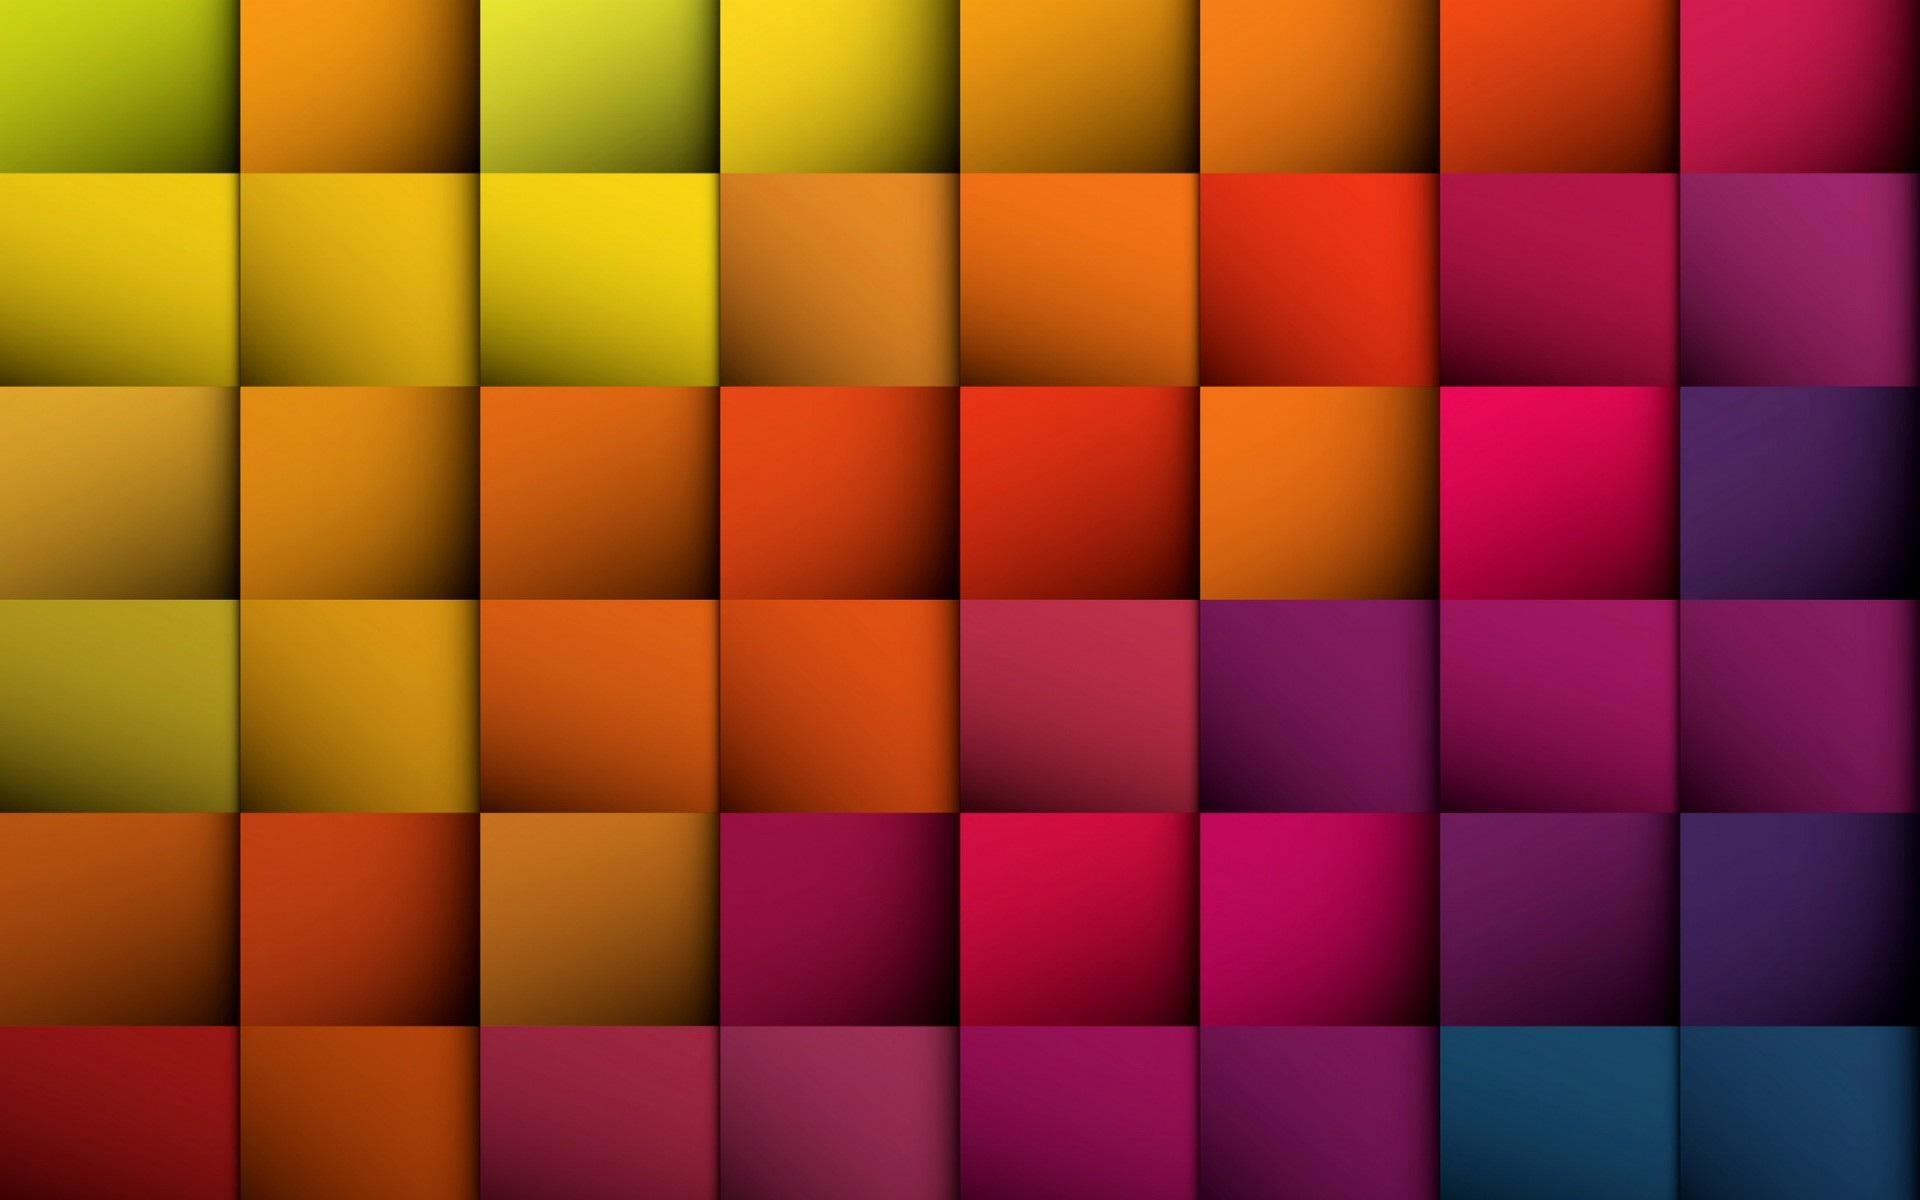 Fall In Love Mobile Wallpaper Desktop Color Hd Wallpapers Pixelstalk Net